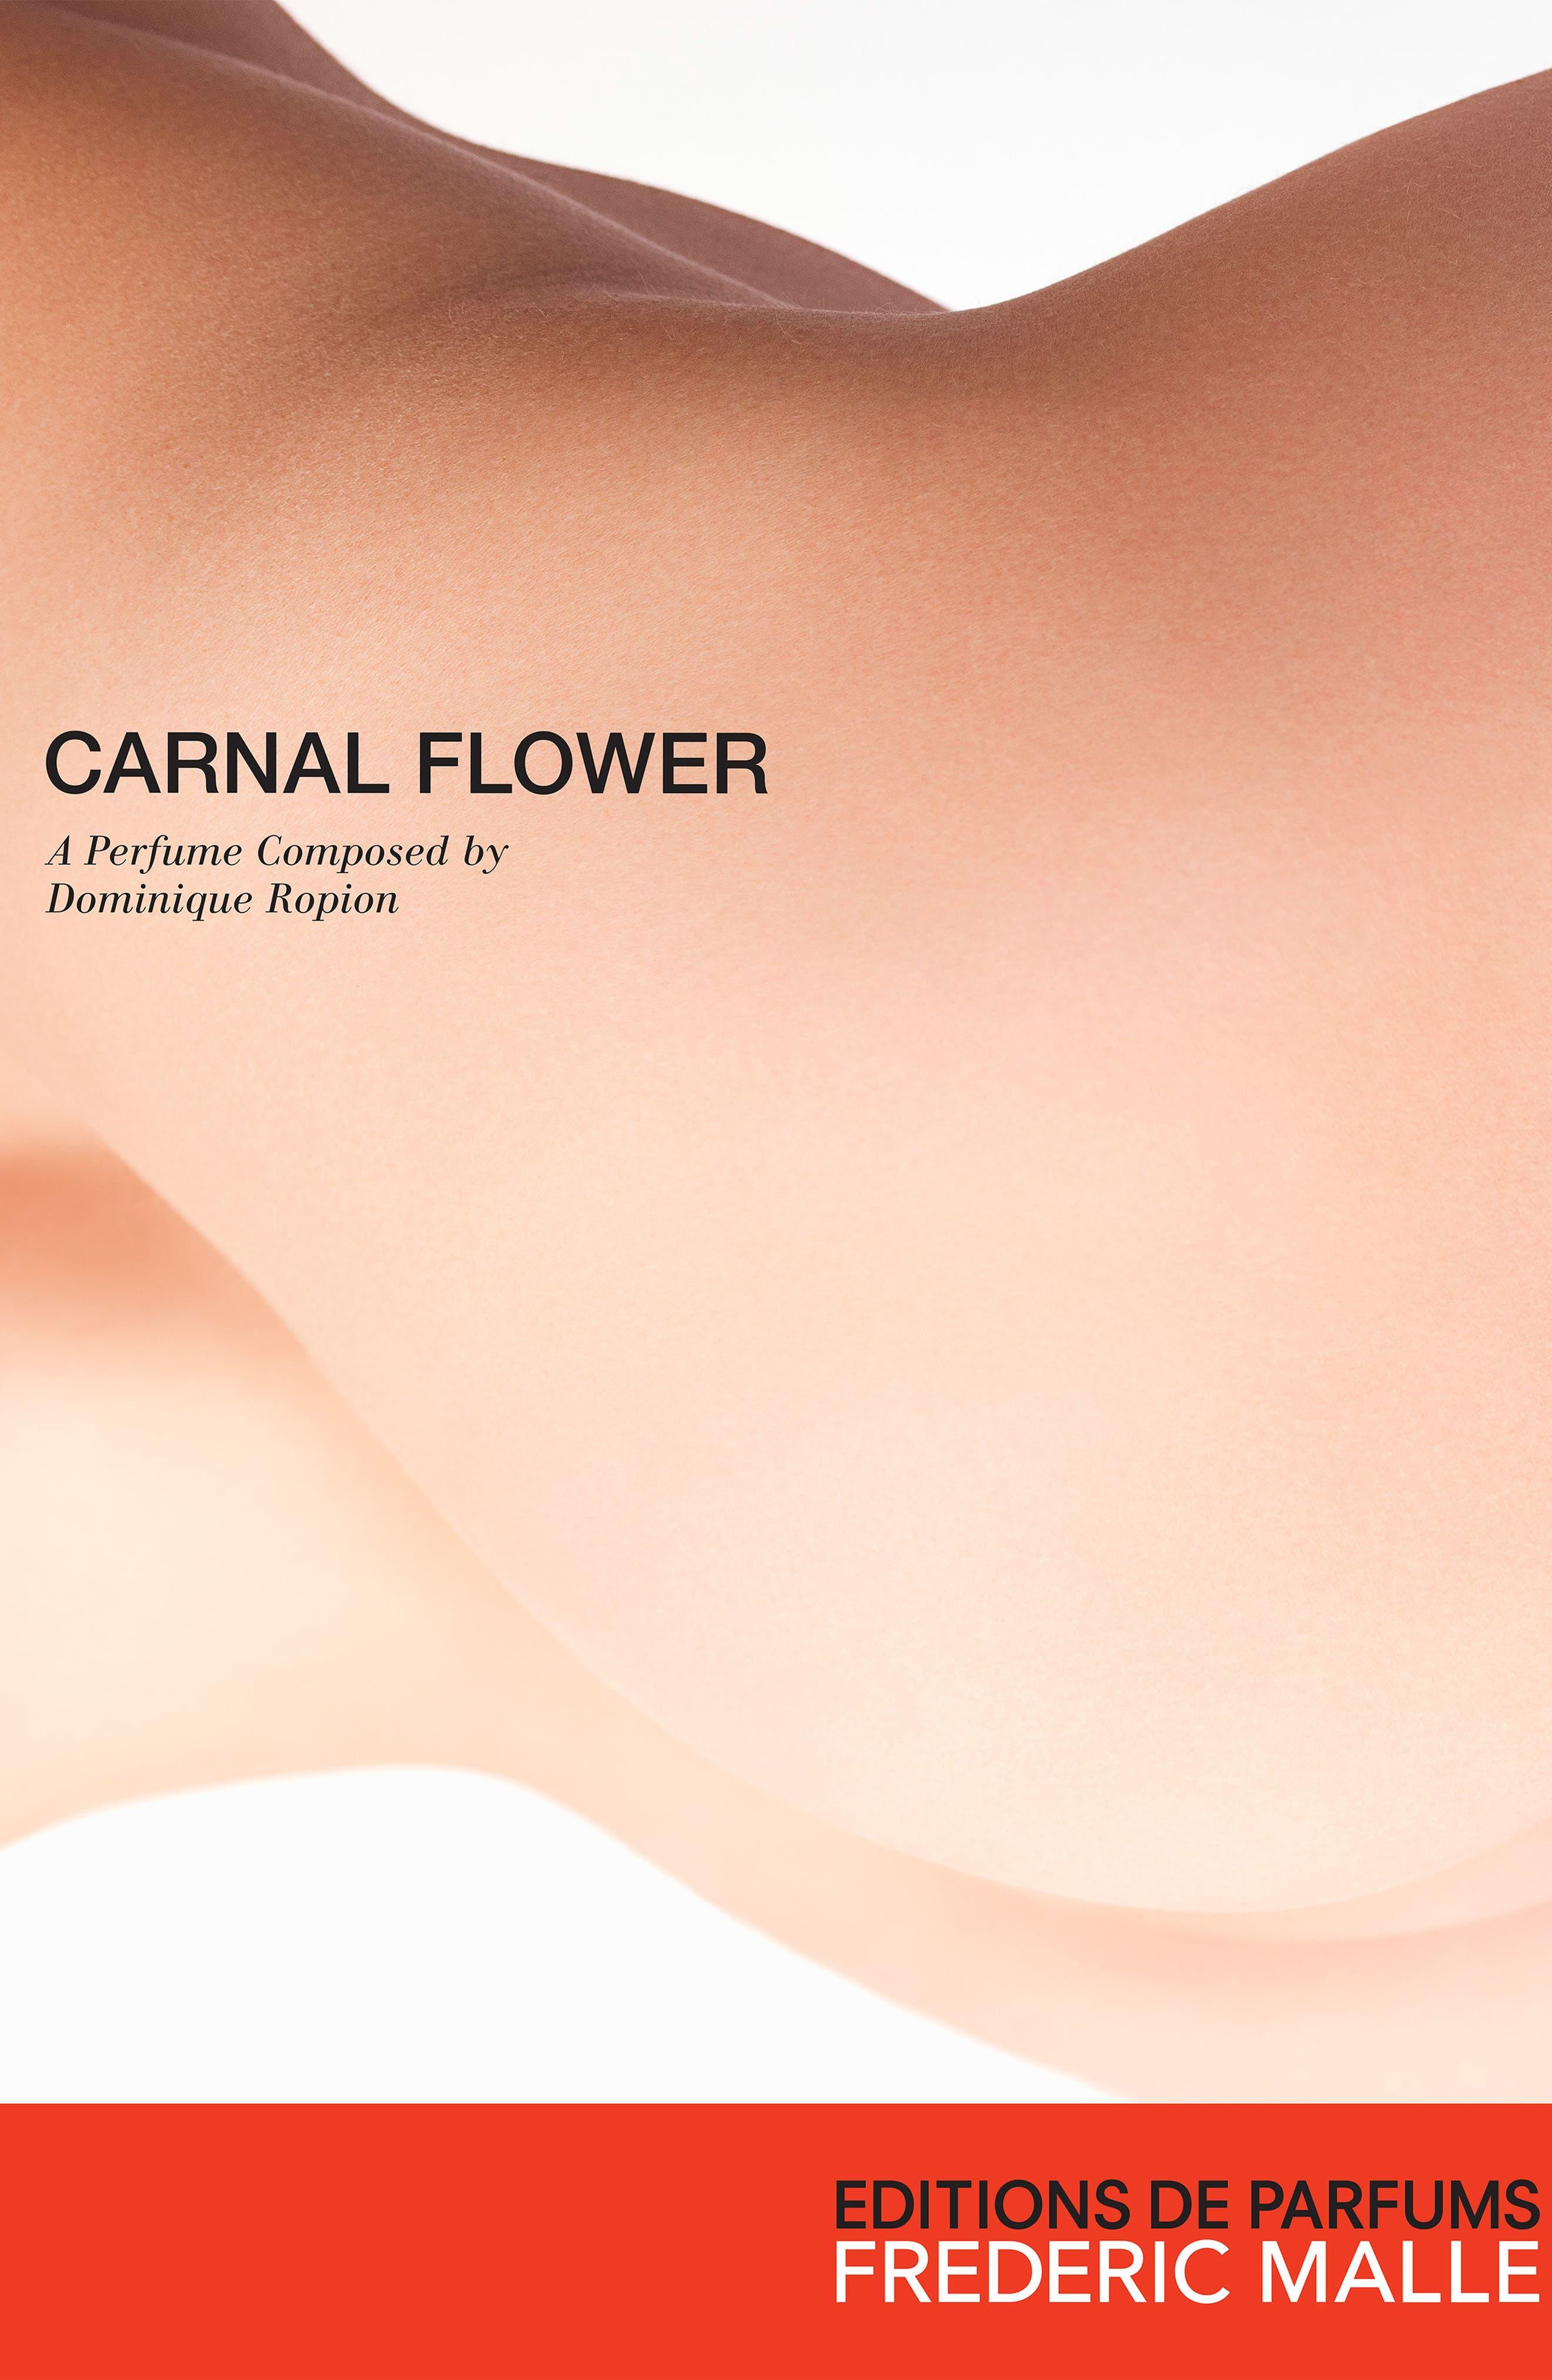 Editions de Parfums Frédéric Malle Carnal Flower Body Butter,                             Alternate thumbnail 3, color,                             NO COLOR